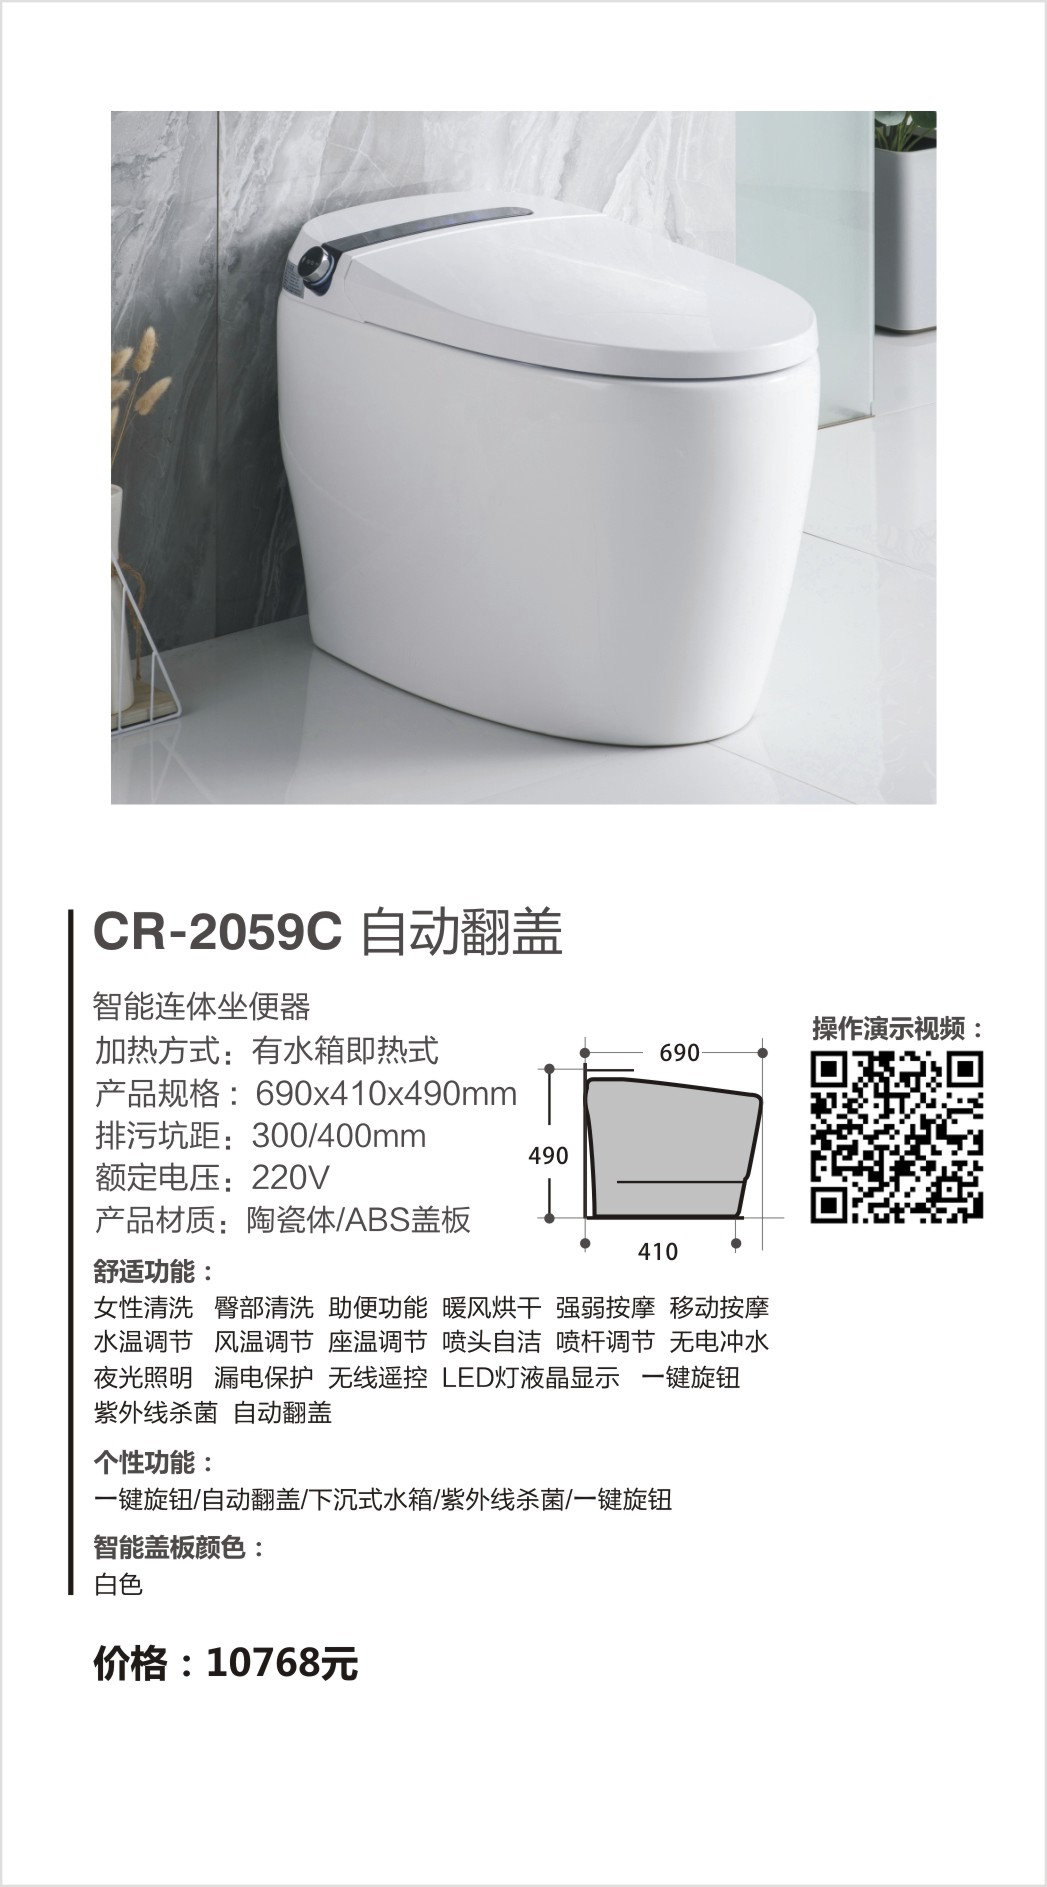 超人(chaoren)卫浴系列智能马桶CR-2059C